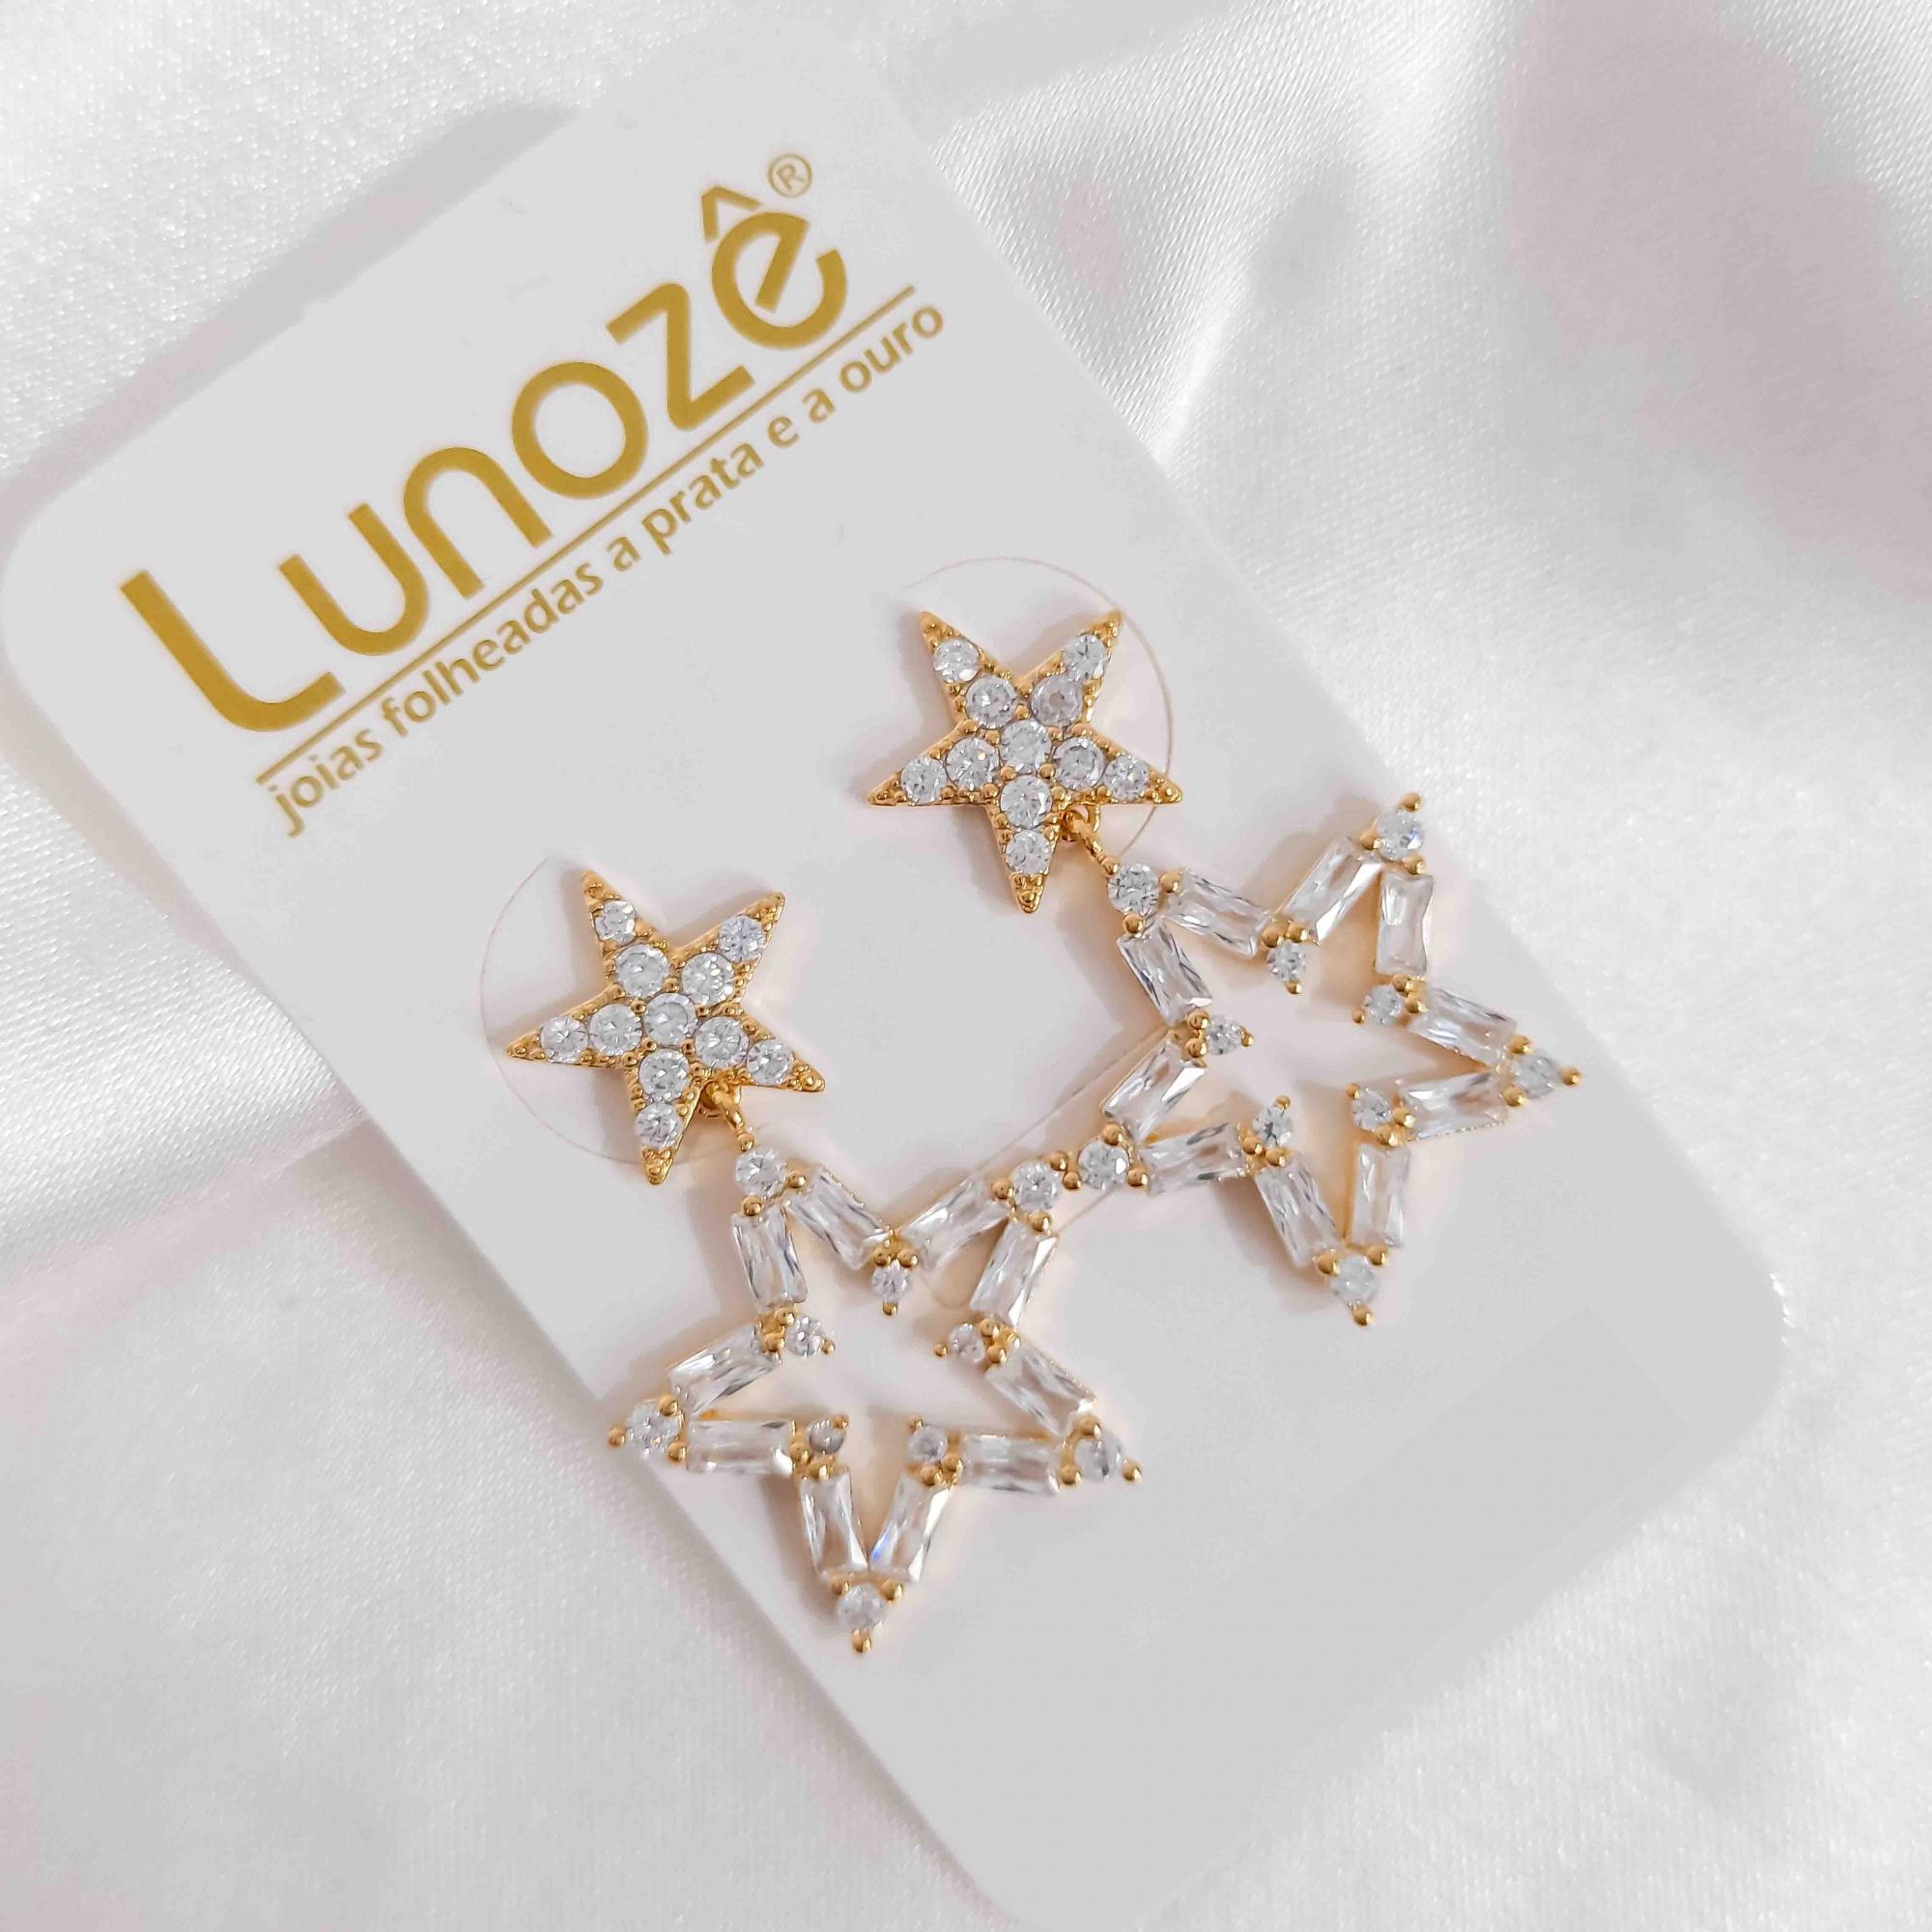 Brinco de Estrela com Zircônias Folheado a Ouro 18K  - Lunozê Joias